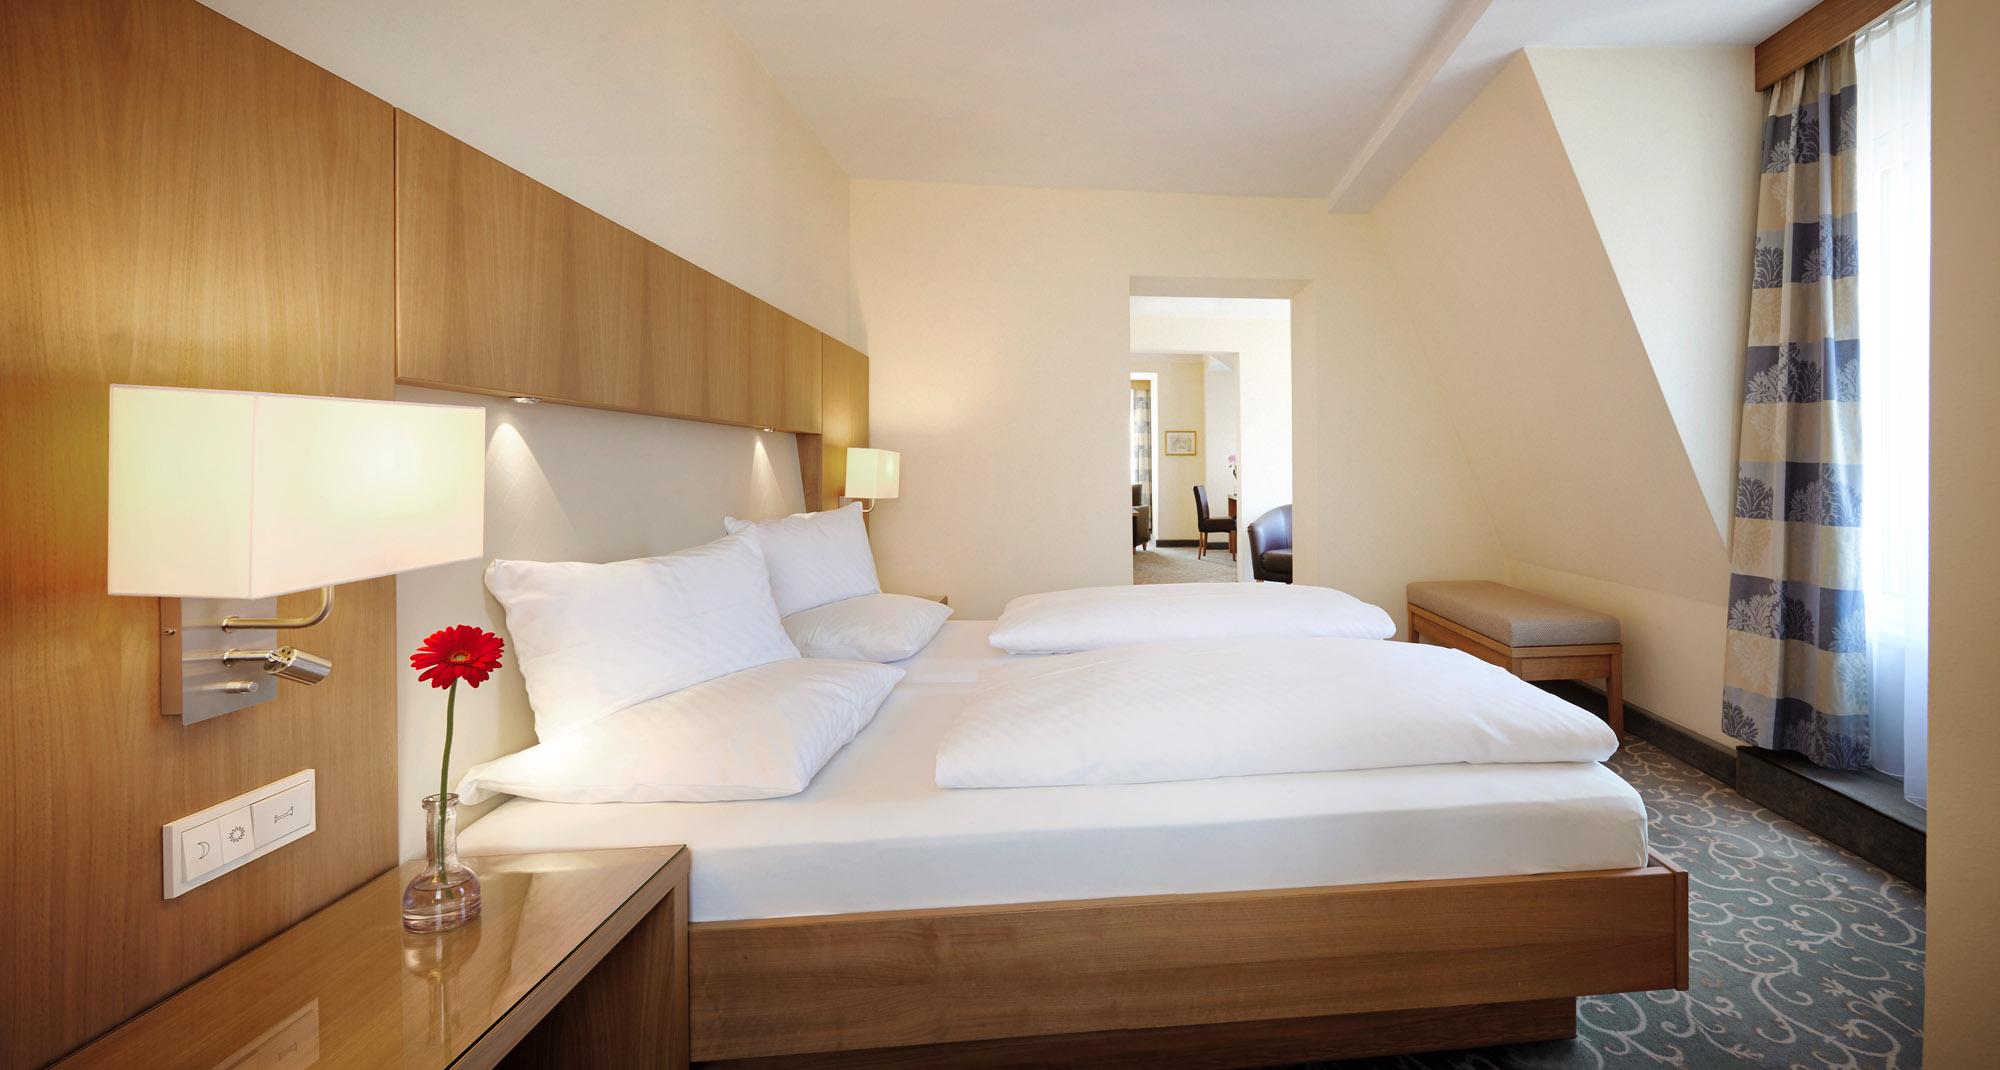 Schlafbereich Suite: 2 Personen ab € 188,50 pro Nacht inklusive Frühstück